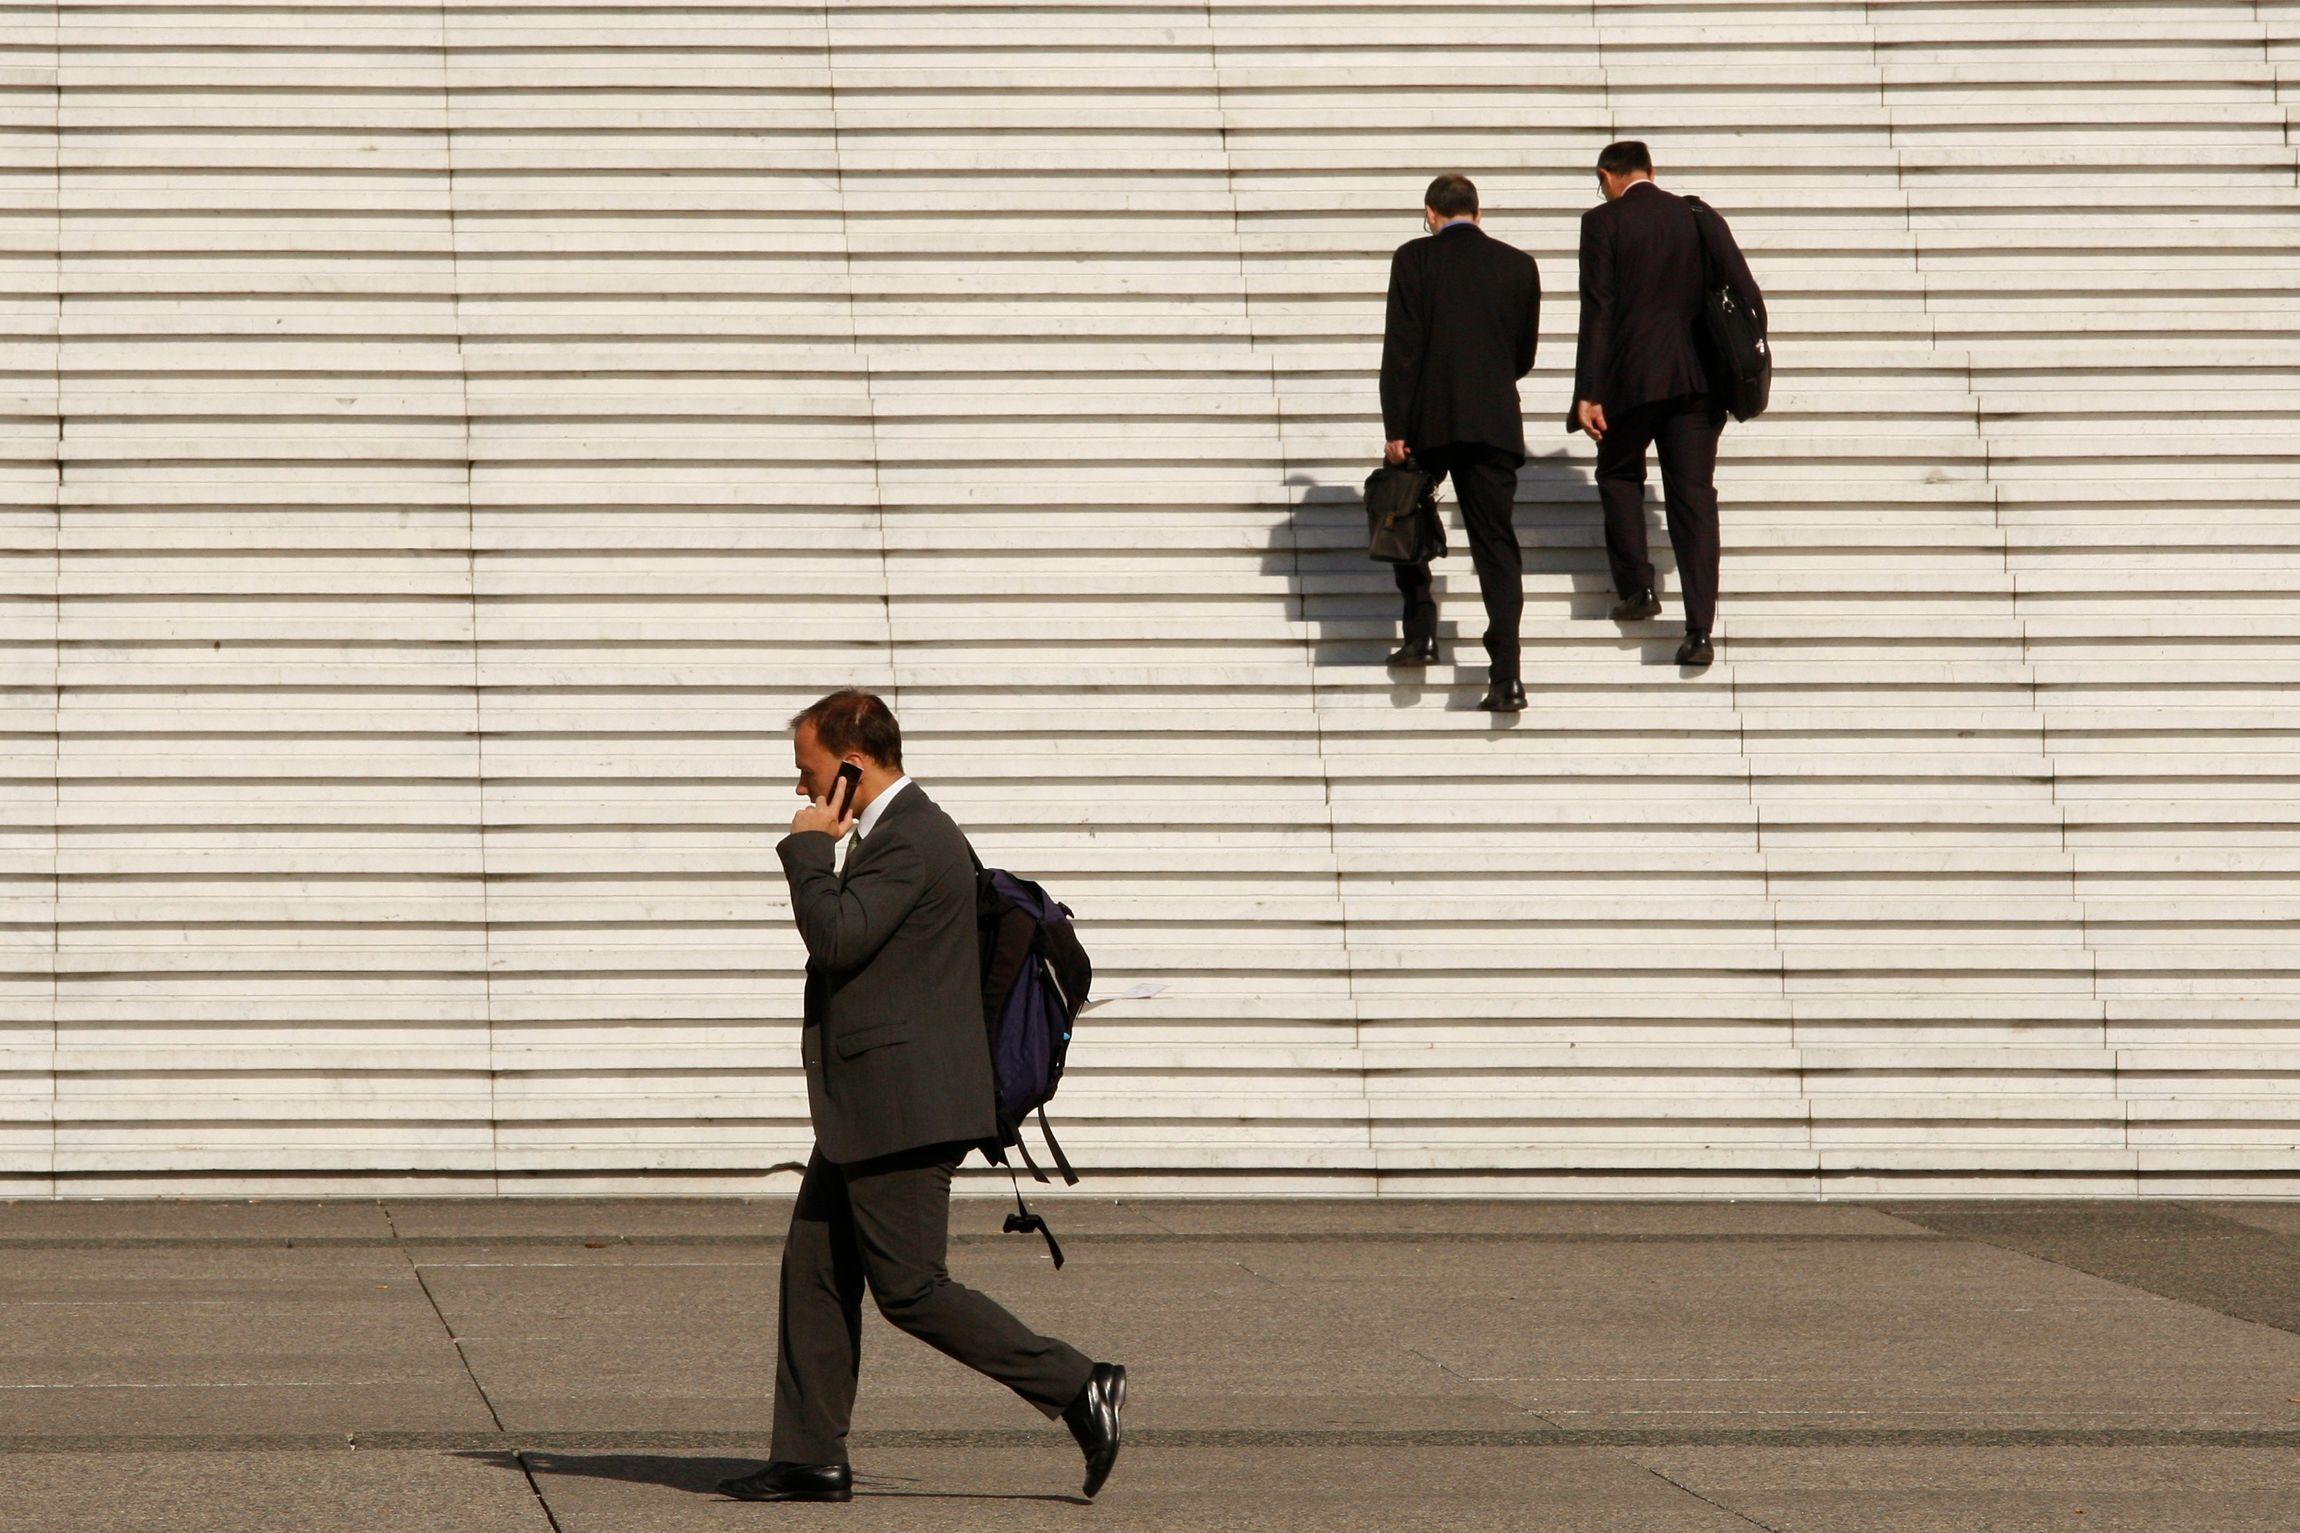 Le chiffre : 40, le pourcentage d'auto-entrepreneurs qui cesseront leur activité en cas de réforme du statut